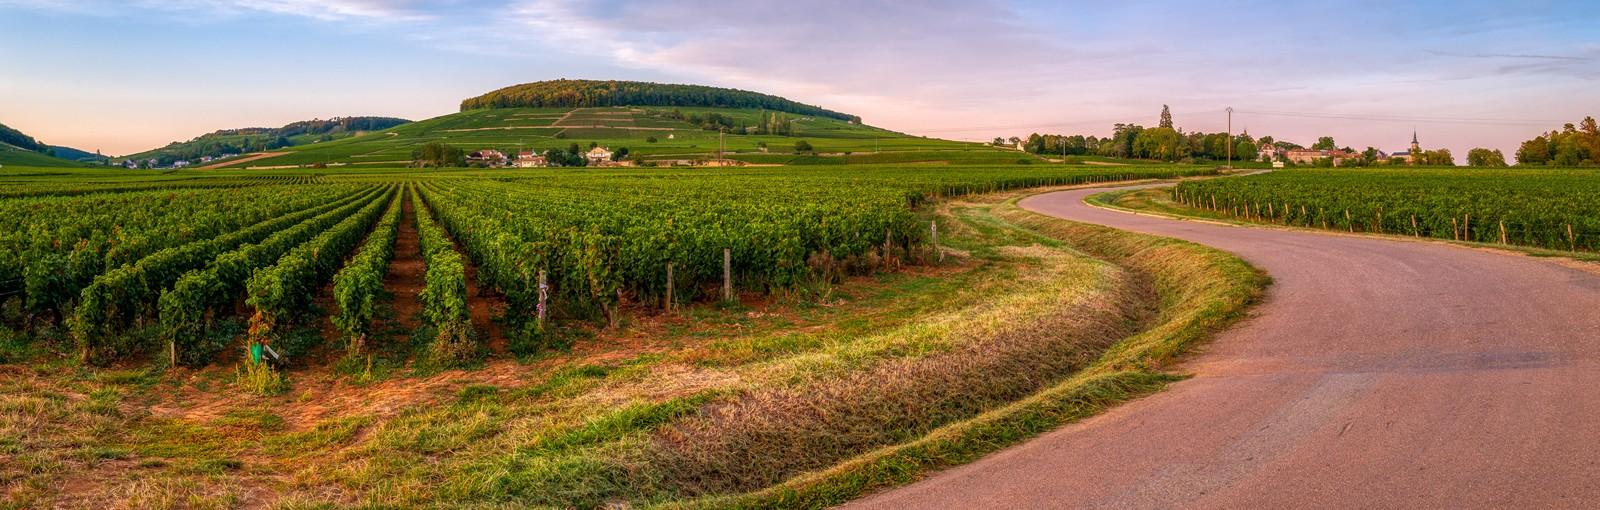 Tours 3 Nuits en Bourgogne: Exploration, sensations, Châteaux et Vins! - Bourgogne - Circuits au départ de Paris